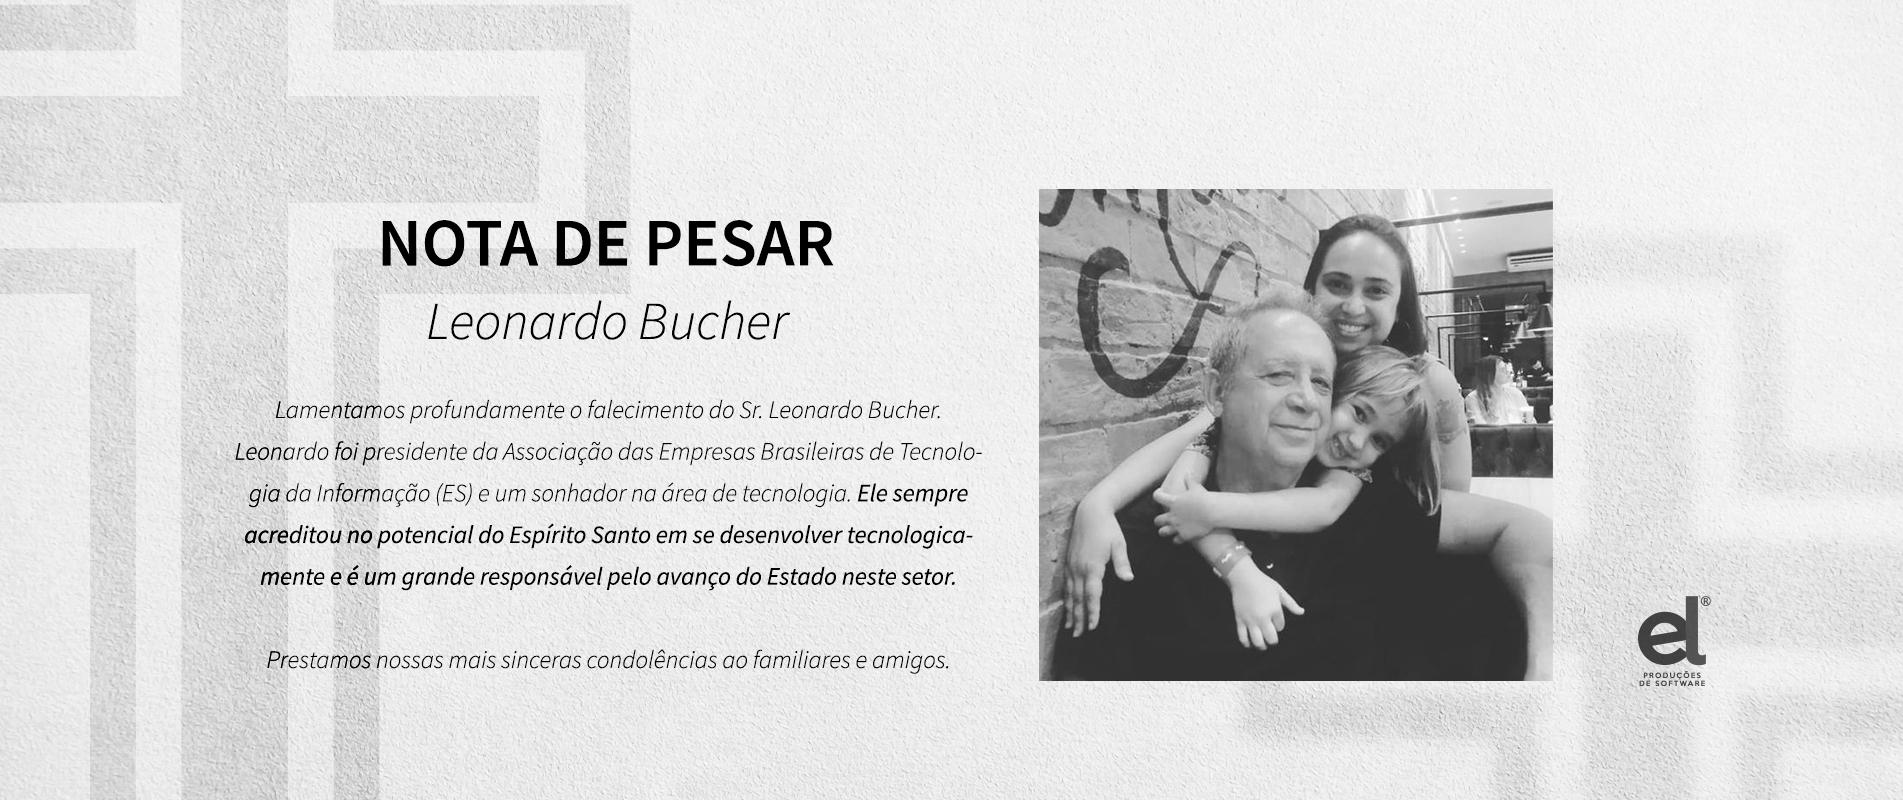 nota-de-pesa2r-leonardo-bucger-slide